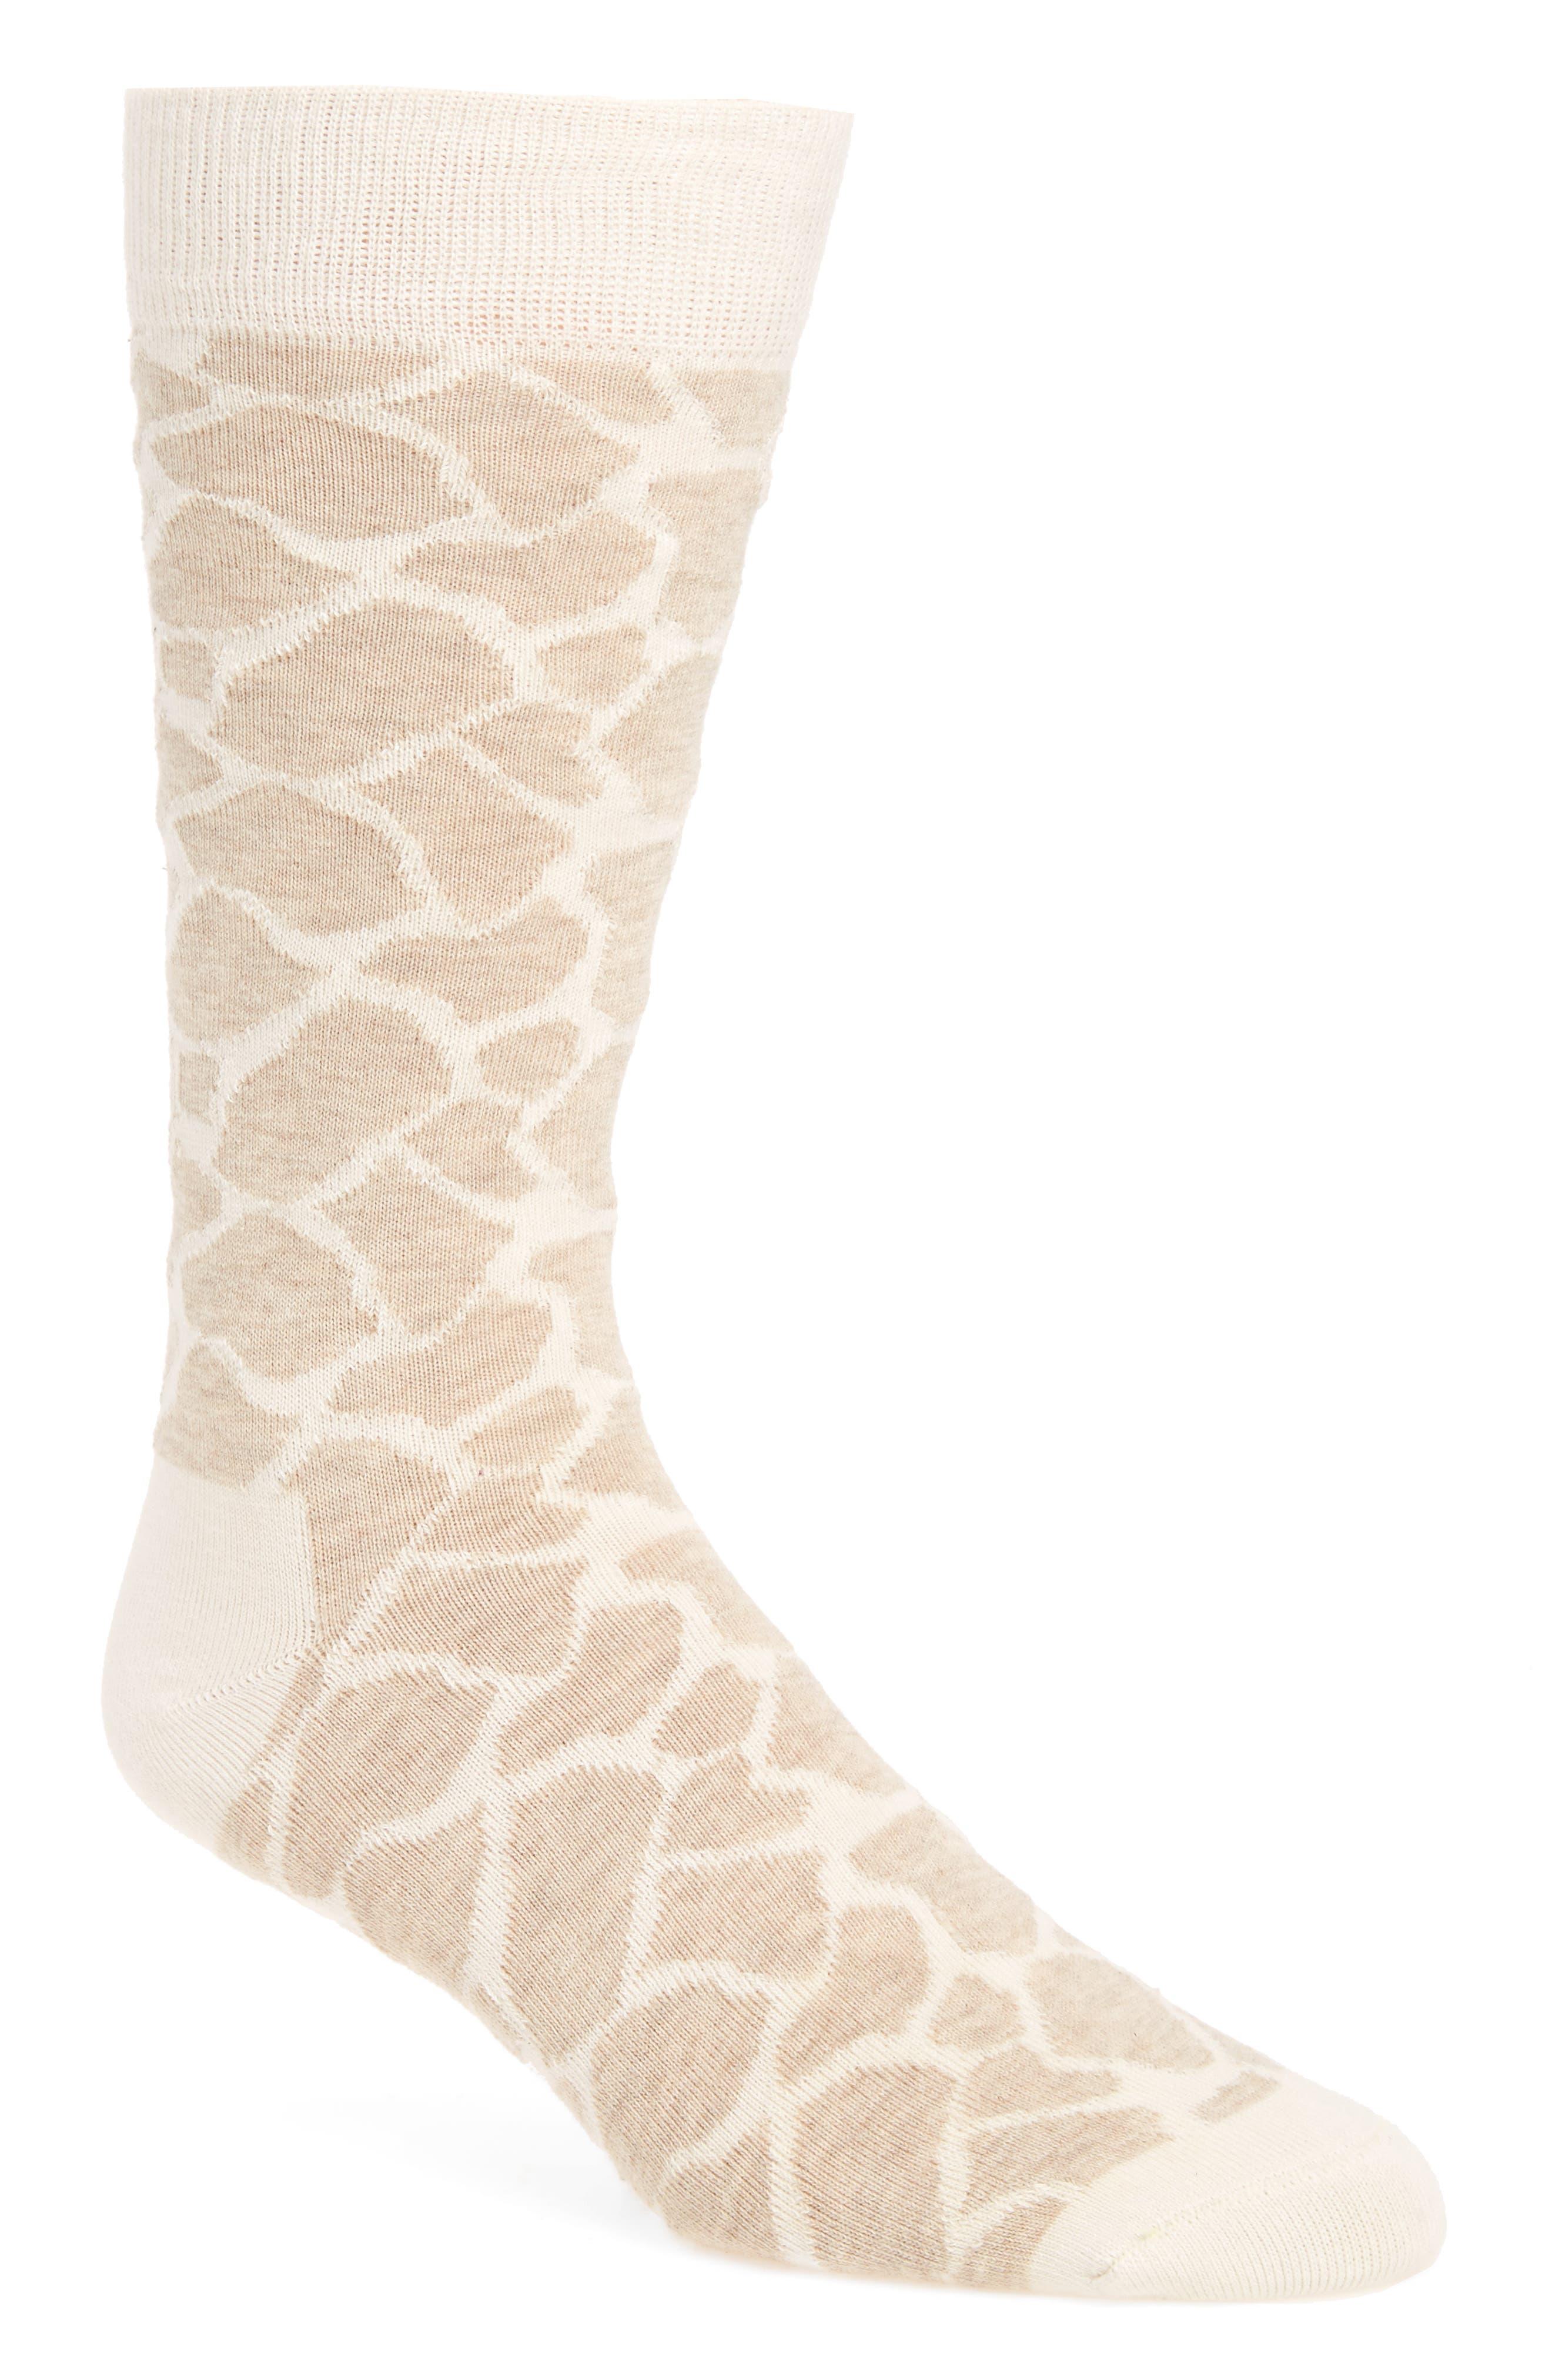 Giraffe Print Socks,                         Main,                         color, Beige/ White